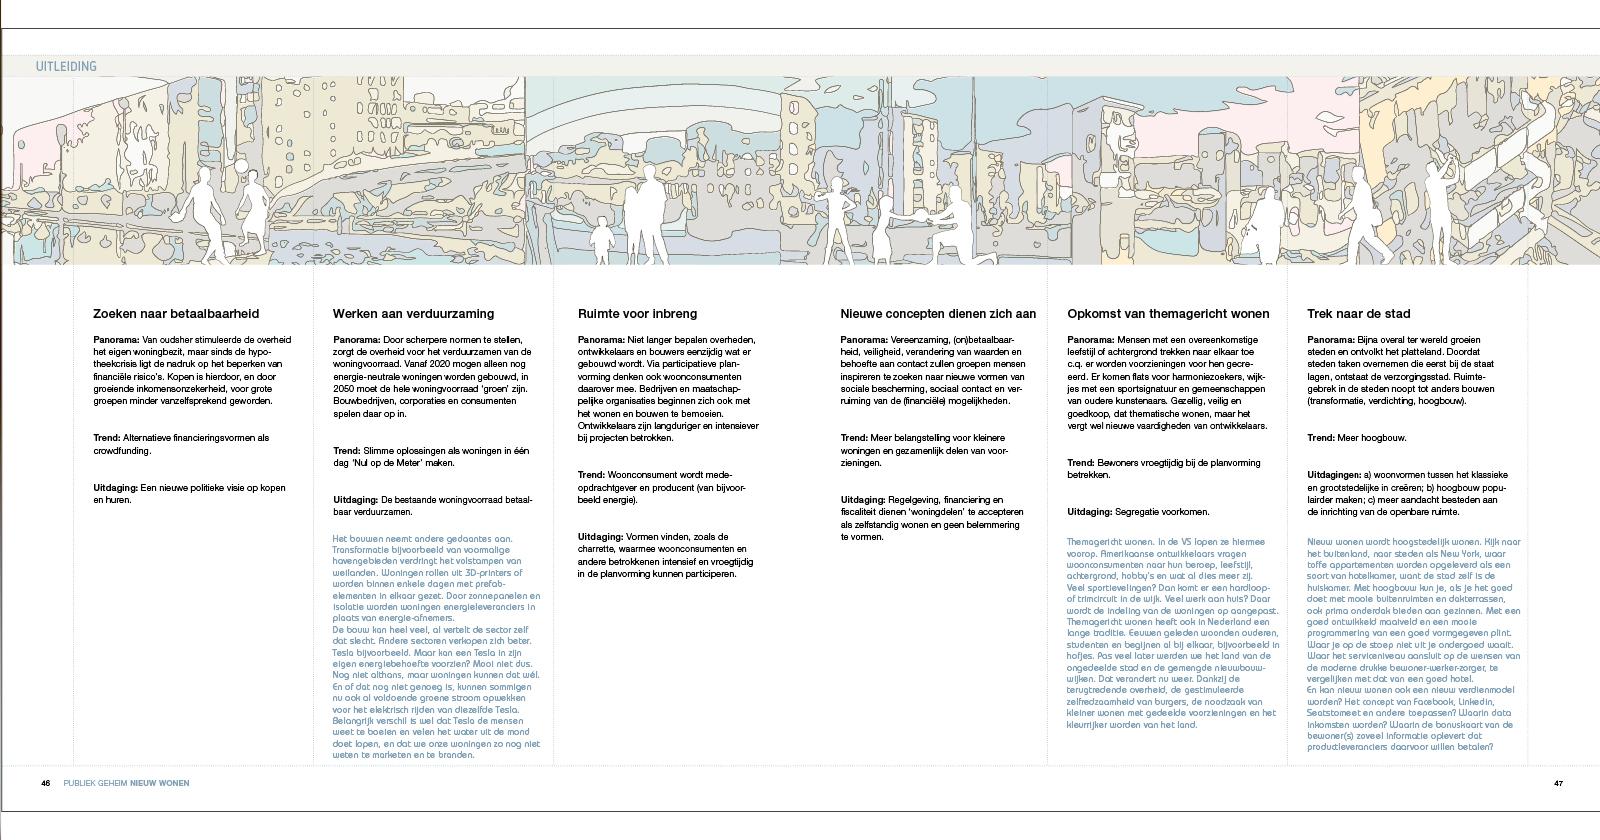 werk-redactioneel ontwerp23